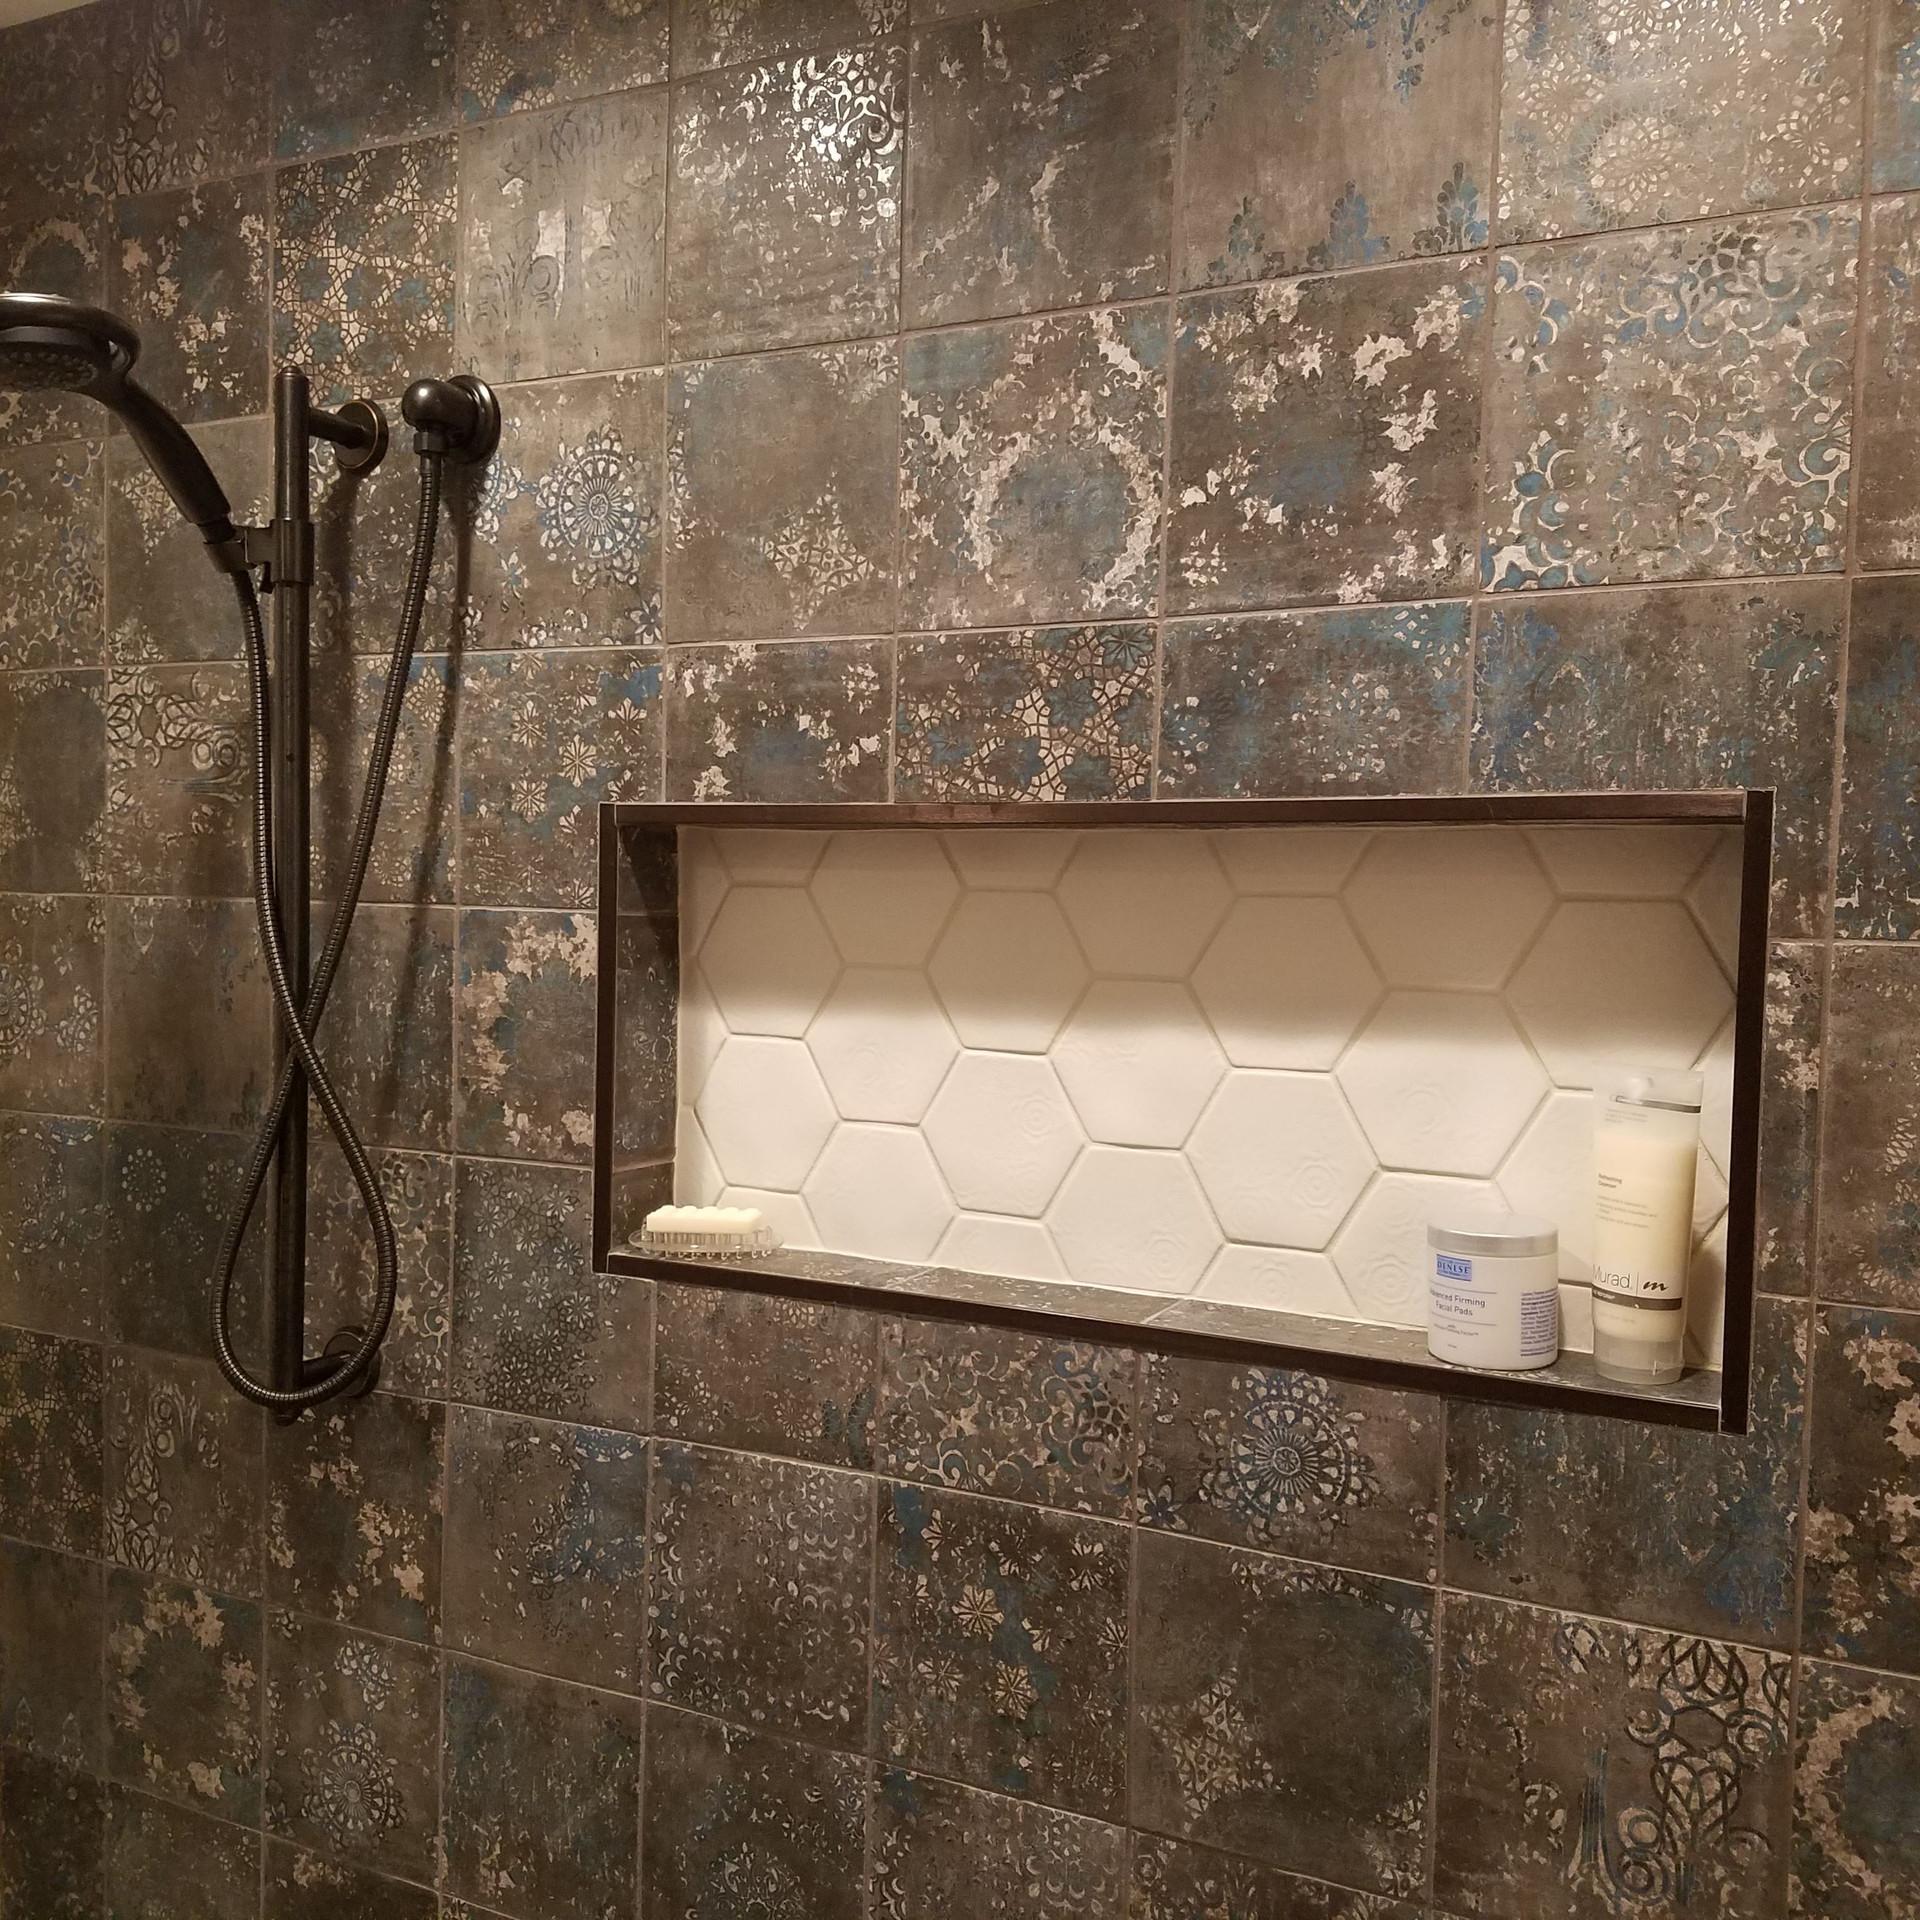 Accented Shower Niche